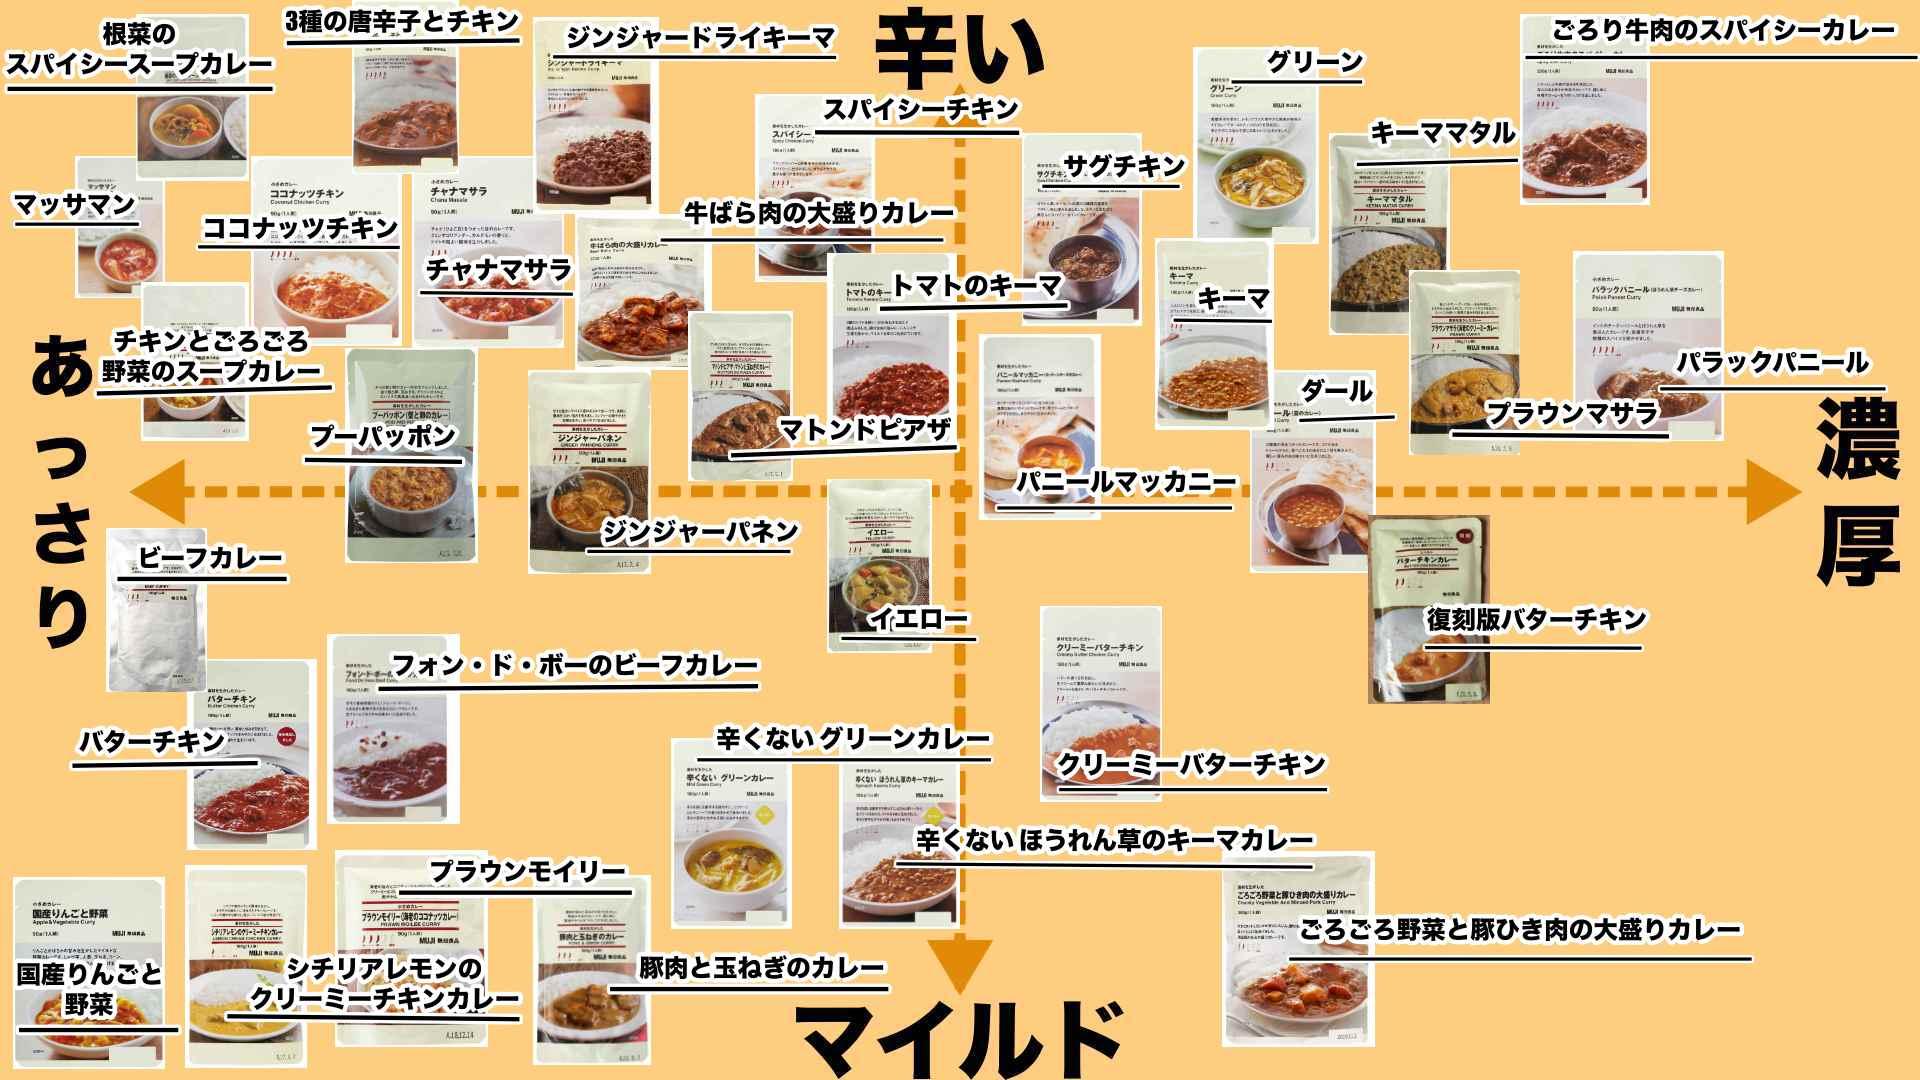 無印食品レトルトカレー早見表